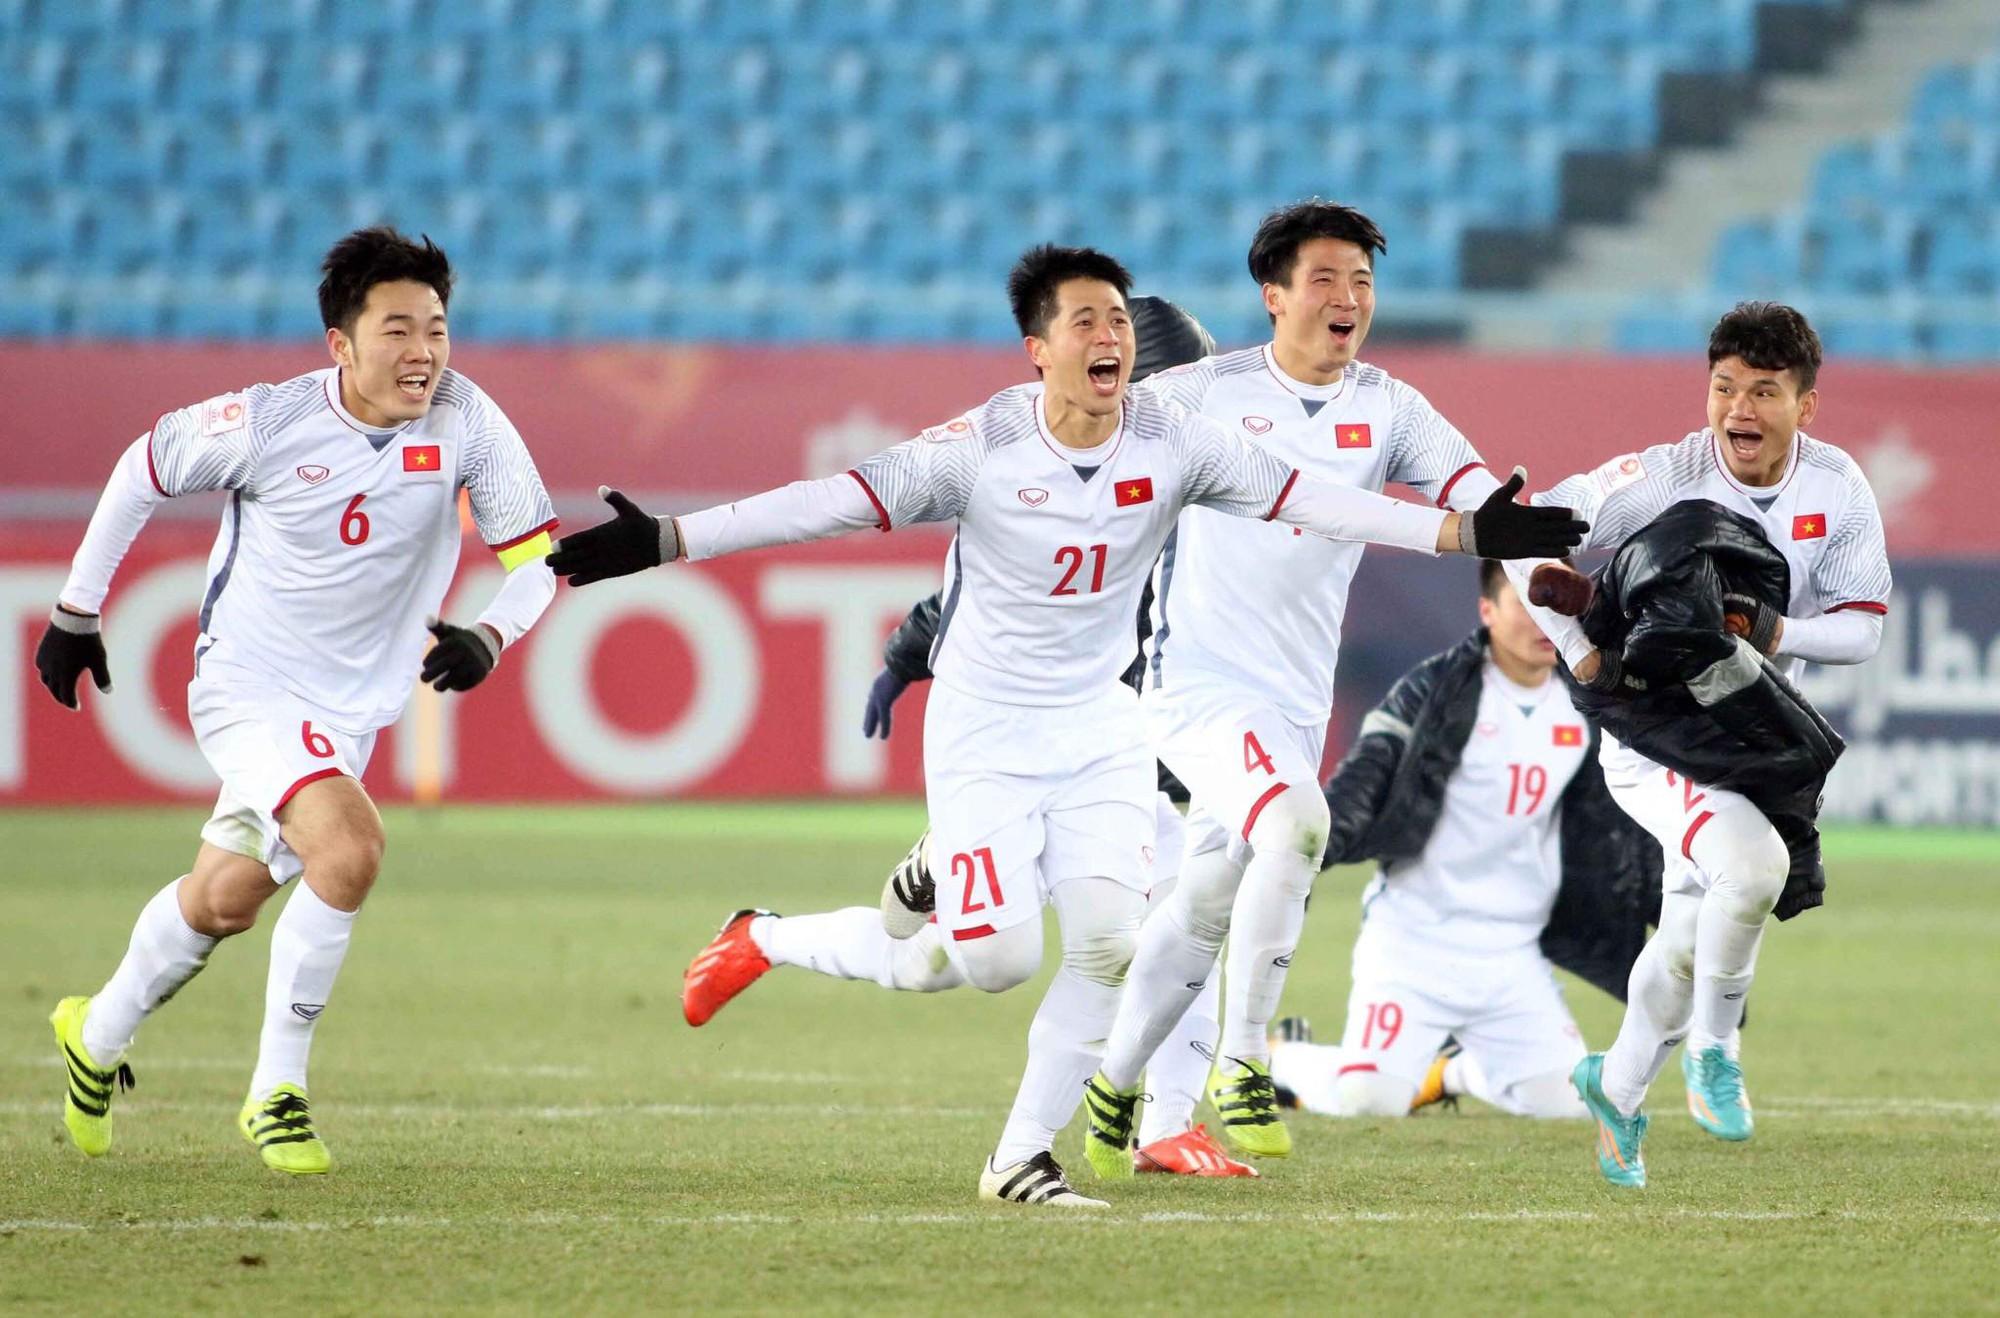 Fangirl đang gọi tên Đình Trọng - chàng cầu thủ sở hữu gương mặt đẹp trai và cực dễ mến - Ảnh 4.